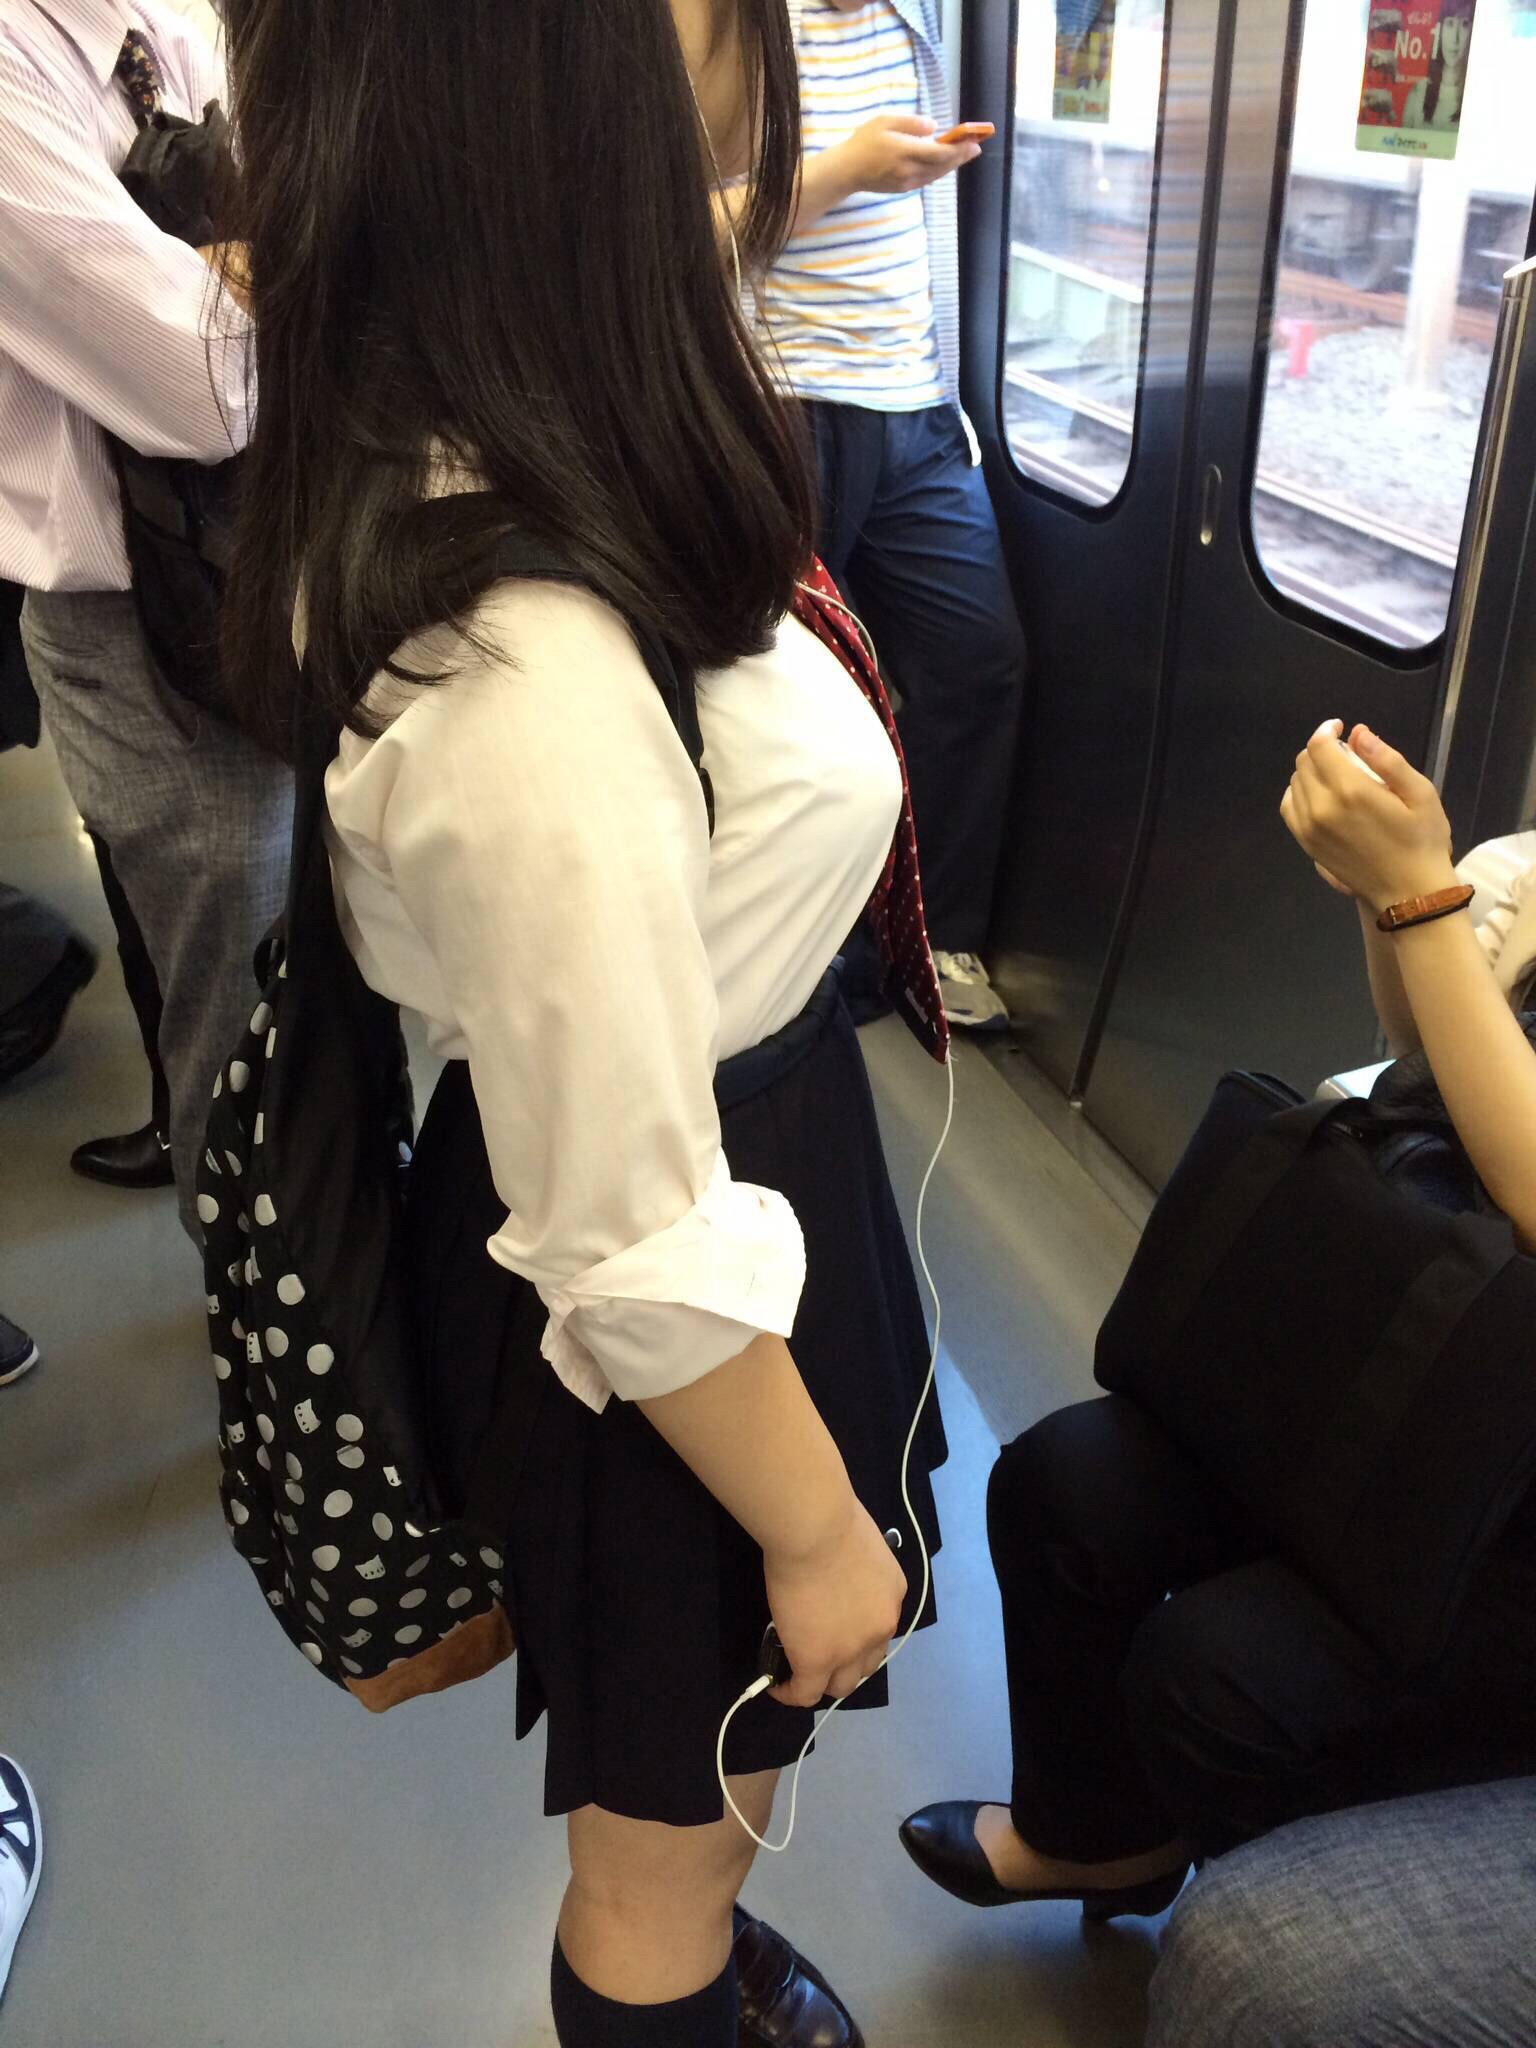 電車にエチエチな制服JKいるけどハレンチすぎない?????? miE3fo0